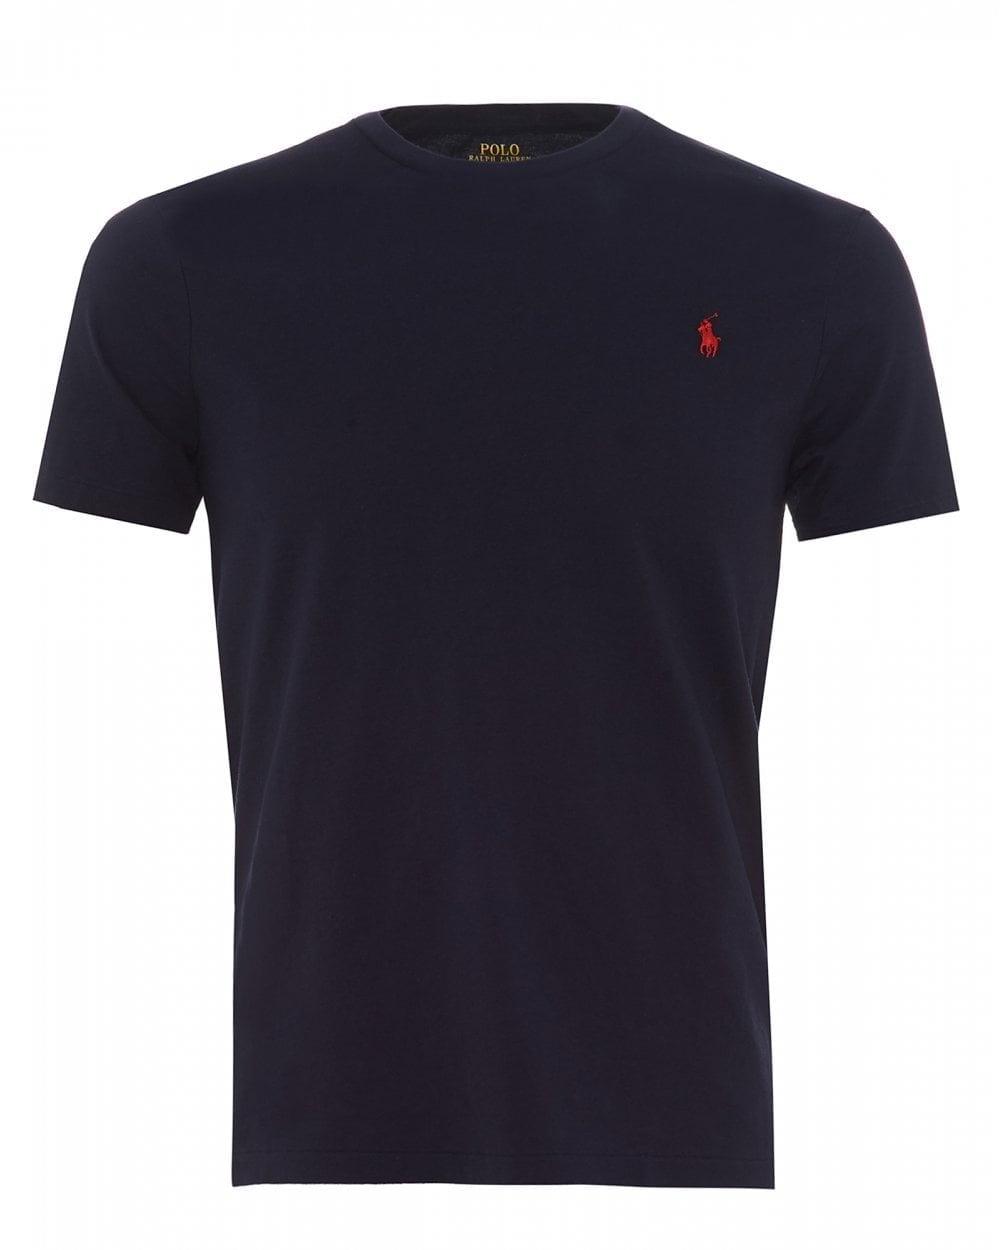 polo ralph lauren basic t shirt